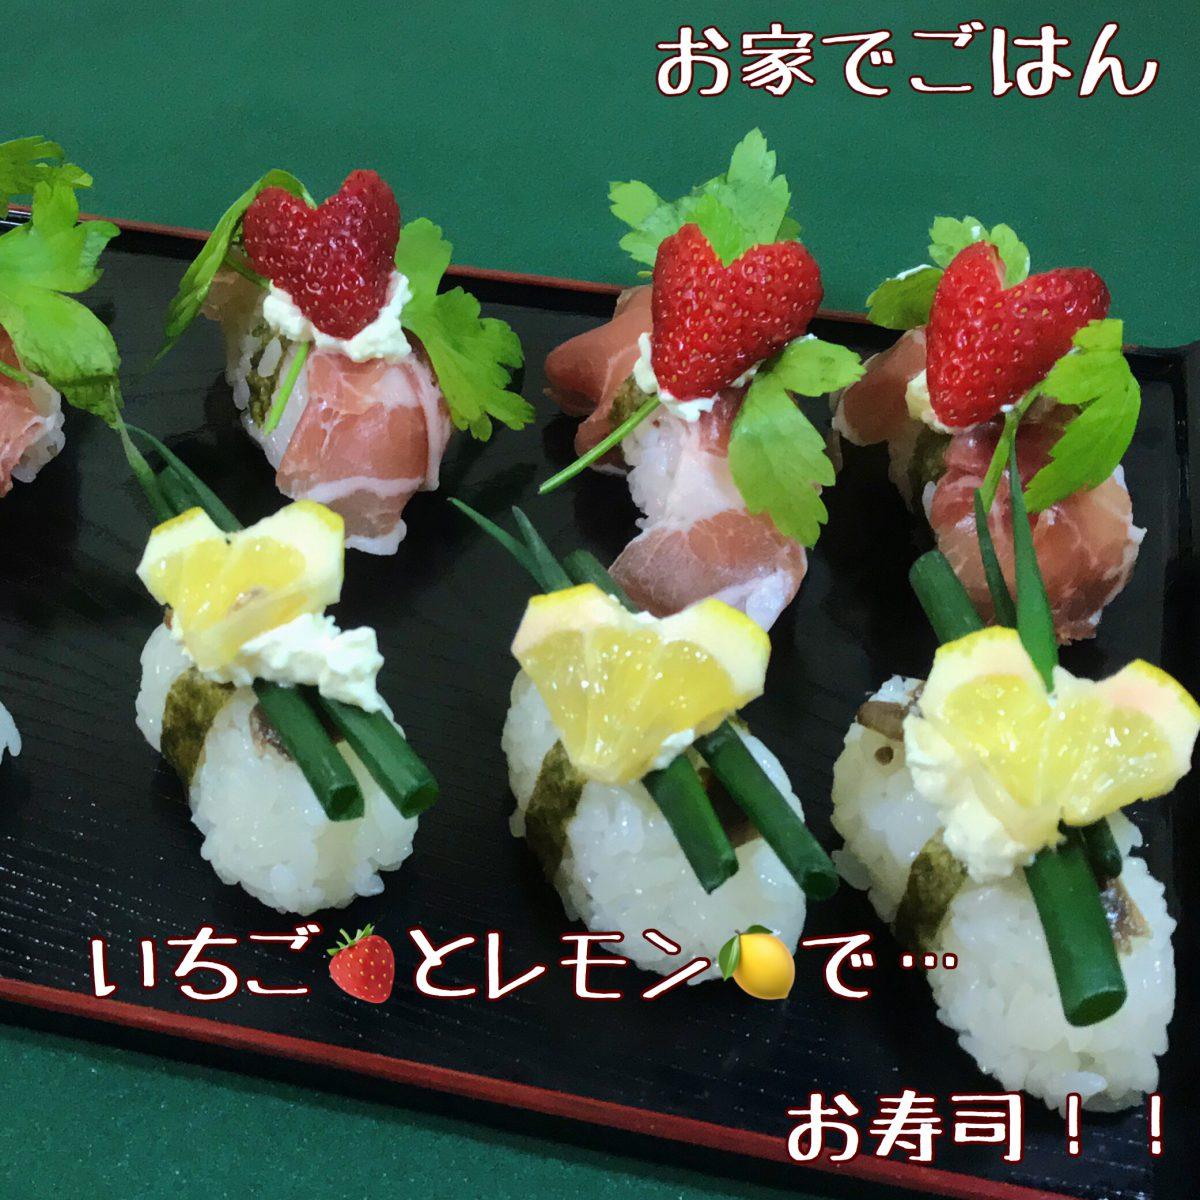 【美味!?】パーティーにピッタリ!ケーキみたいなお寿司